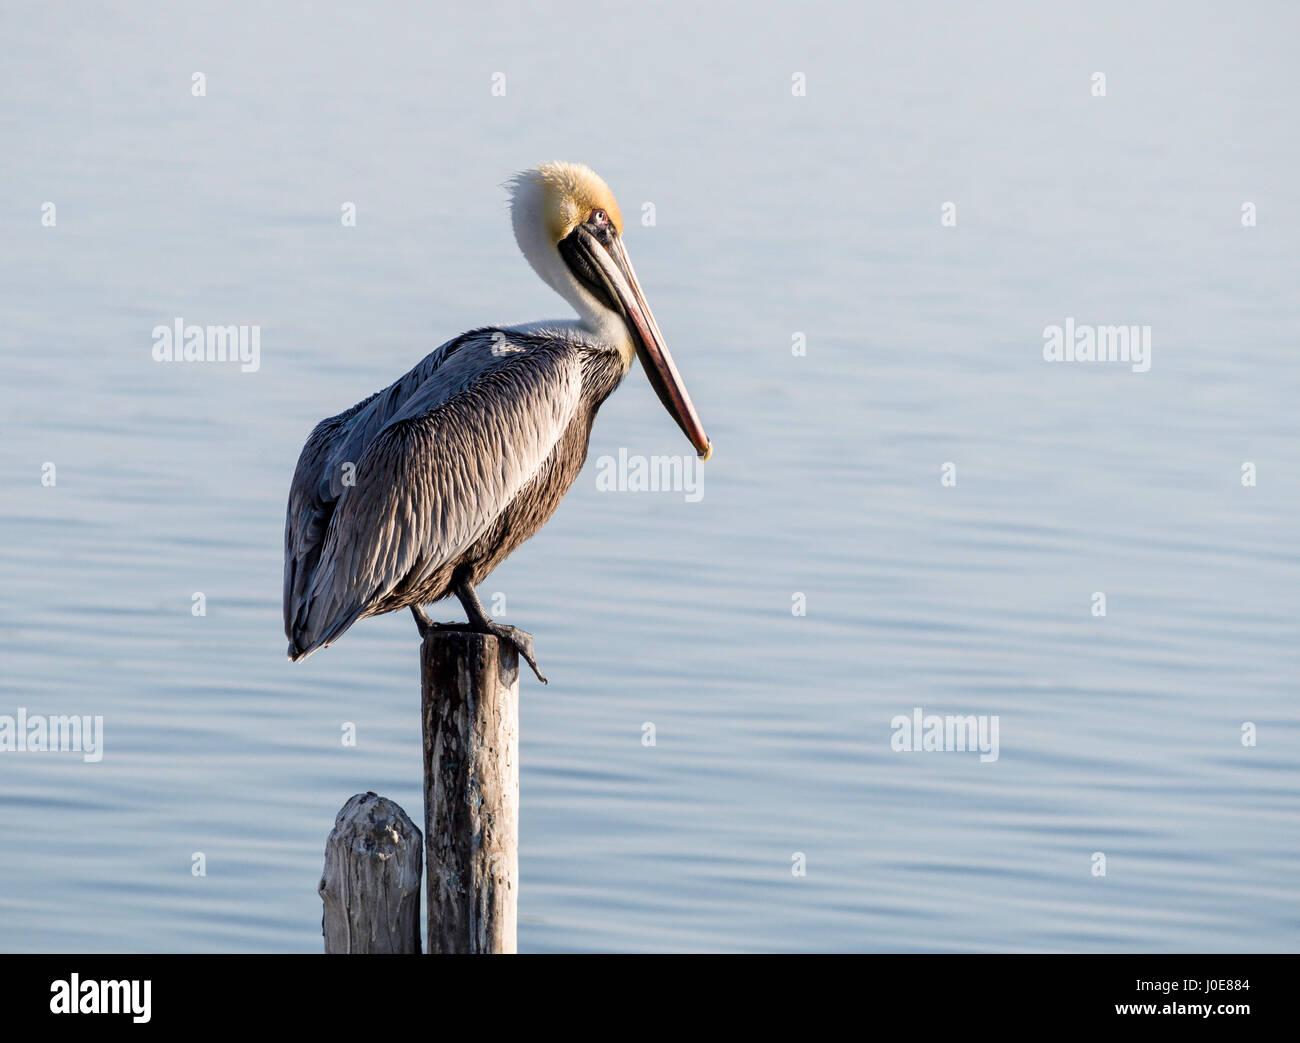 Pellicano marrone su un post. Un grande brown pelican suns stessa in la mattina di sole su un dock post nel porto Immagini Stock